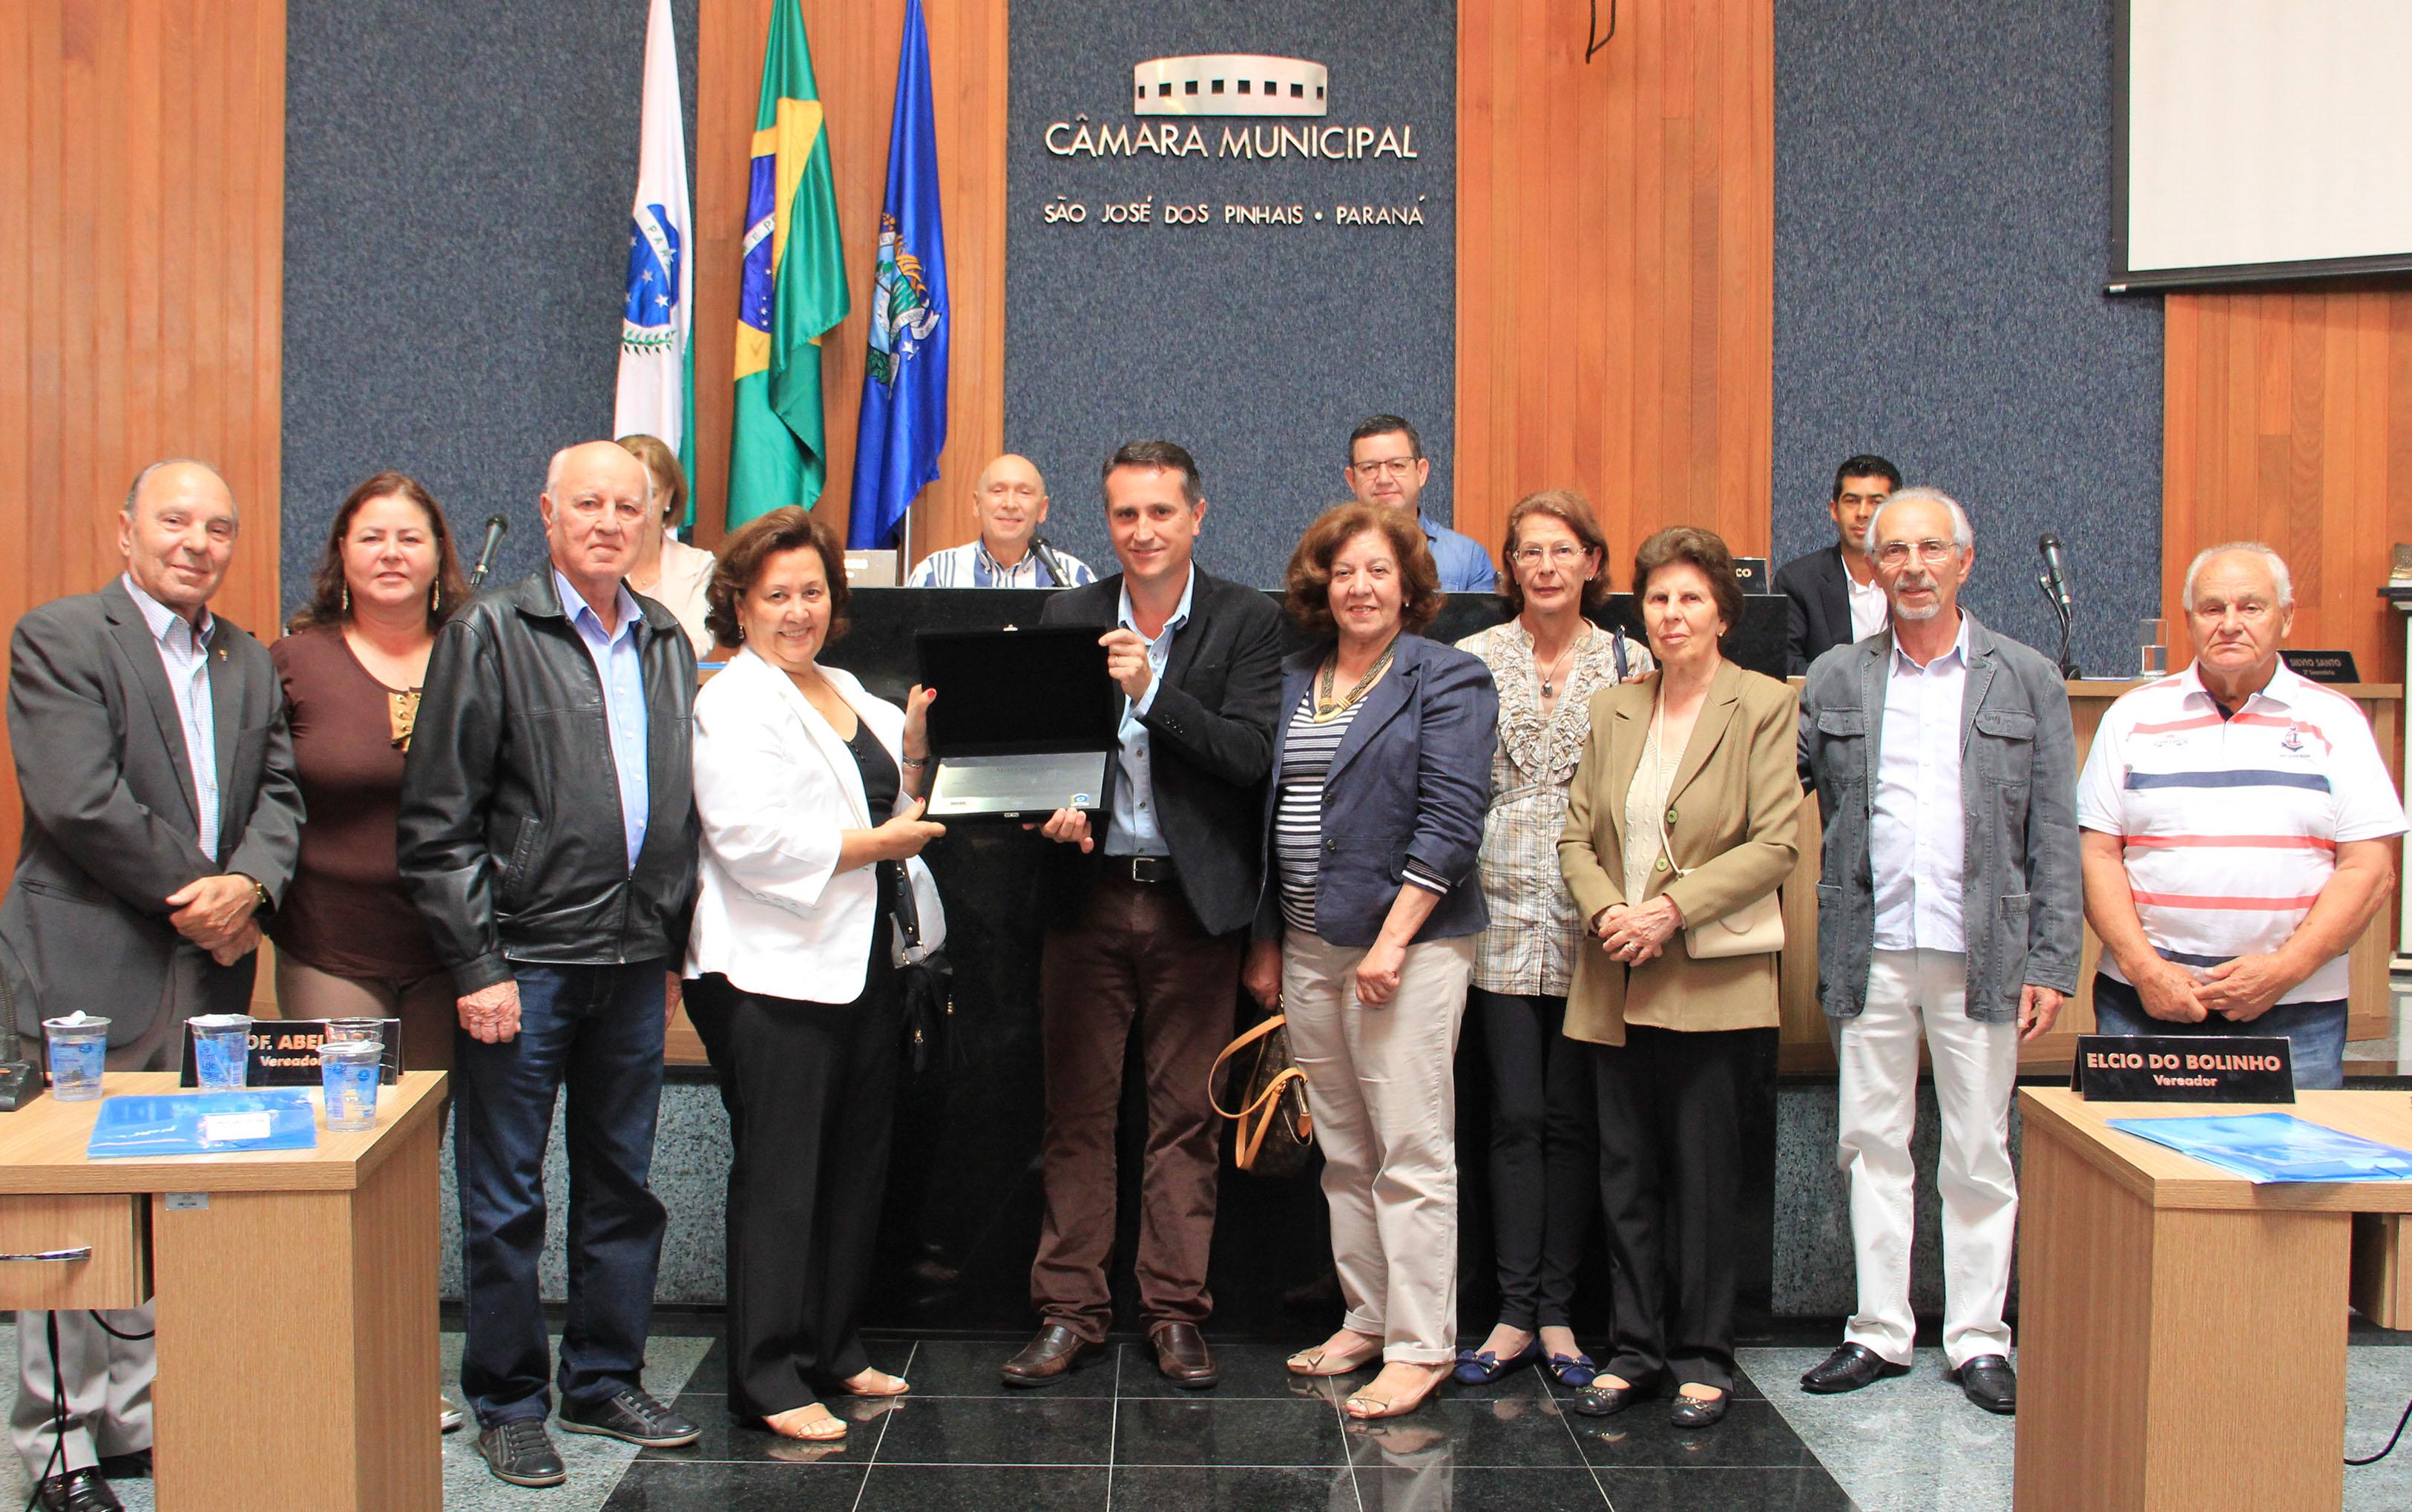 Câmara homenageia Manoel Alves Pereira, eleito um dos primeiros vereadores do município.